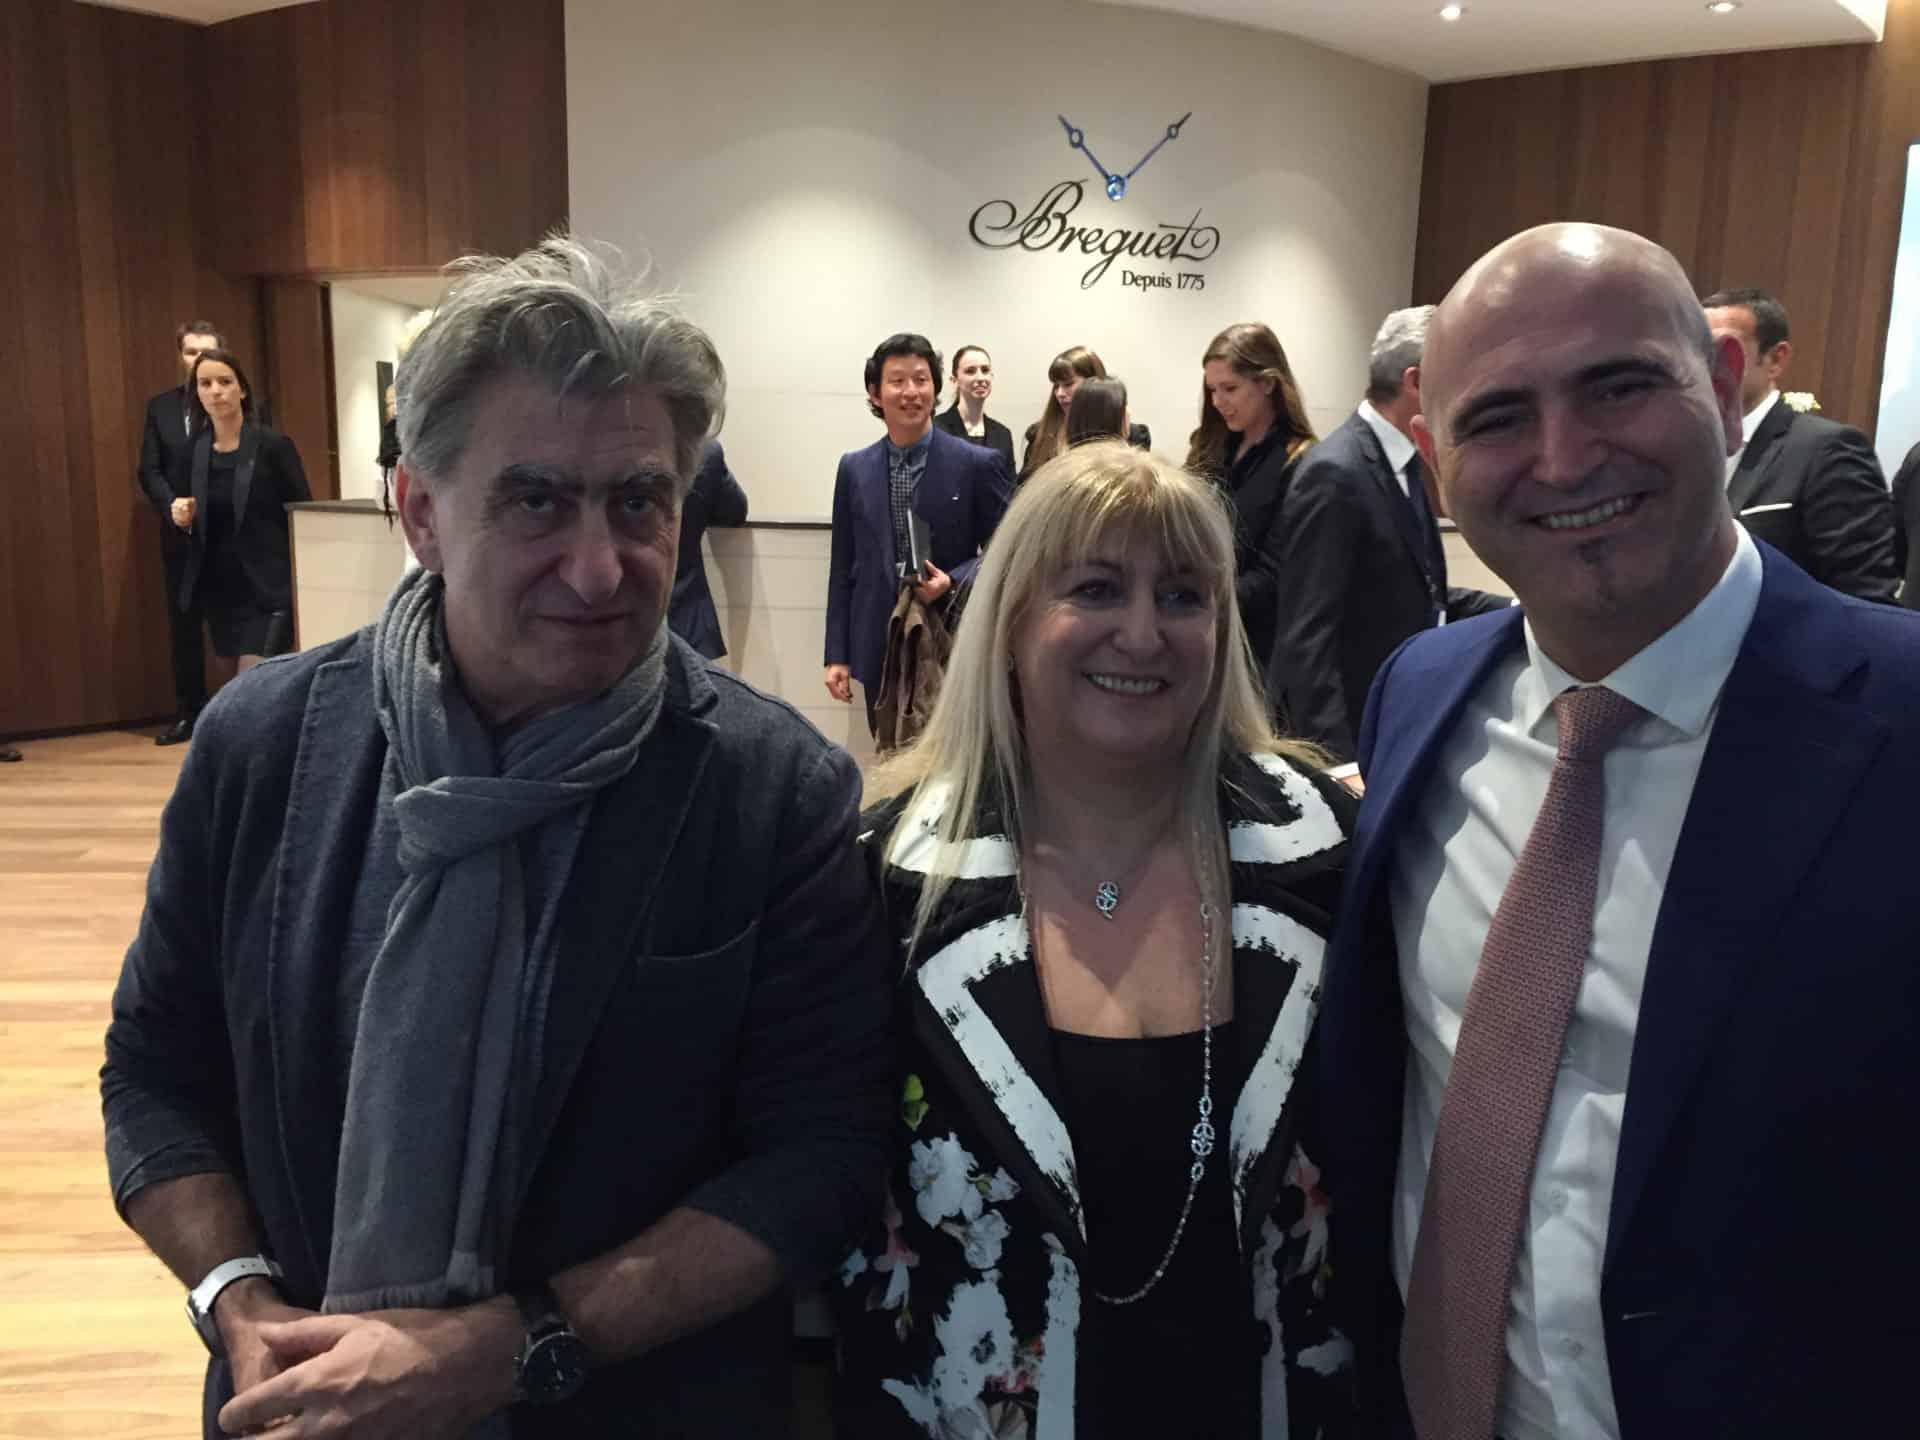 Nick, Nayla und Marc Hayek haben entschieden: Die Swatch Group verlässt die Baselworld - Foto (C) Gisbert Brunner